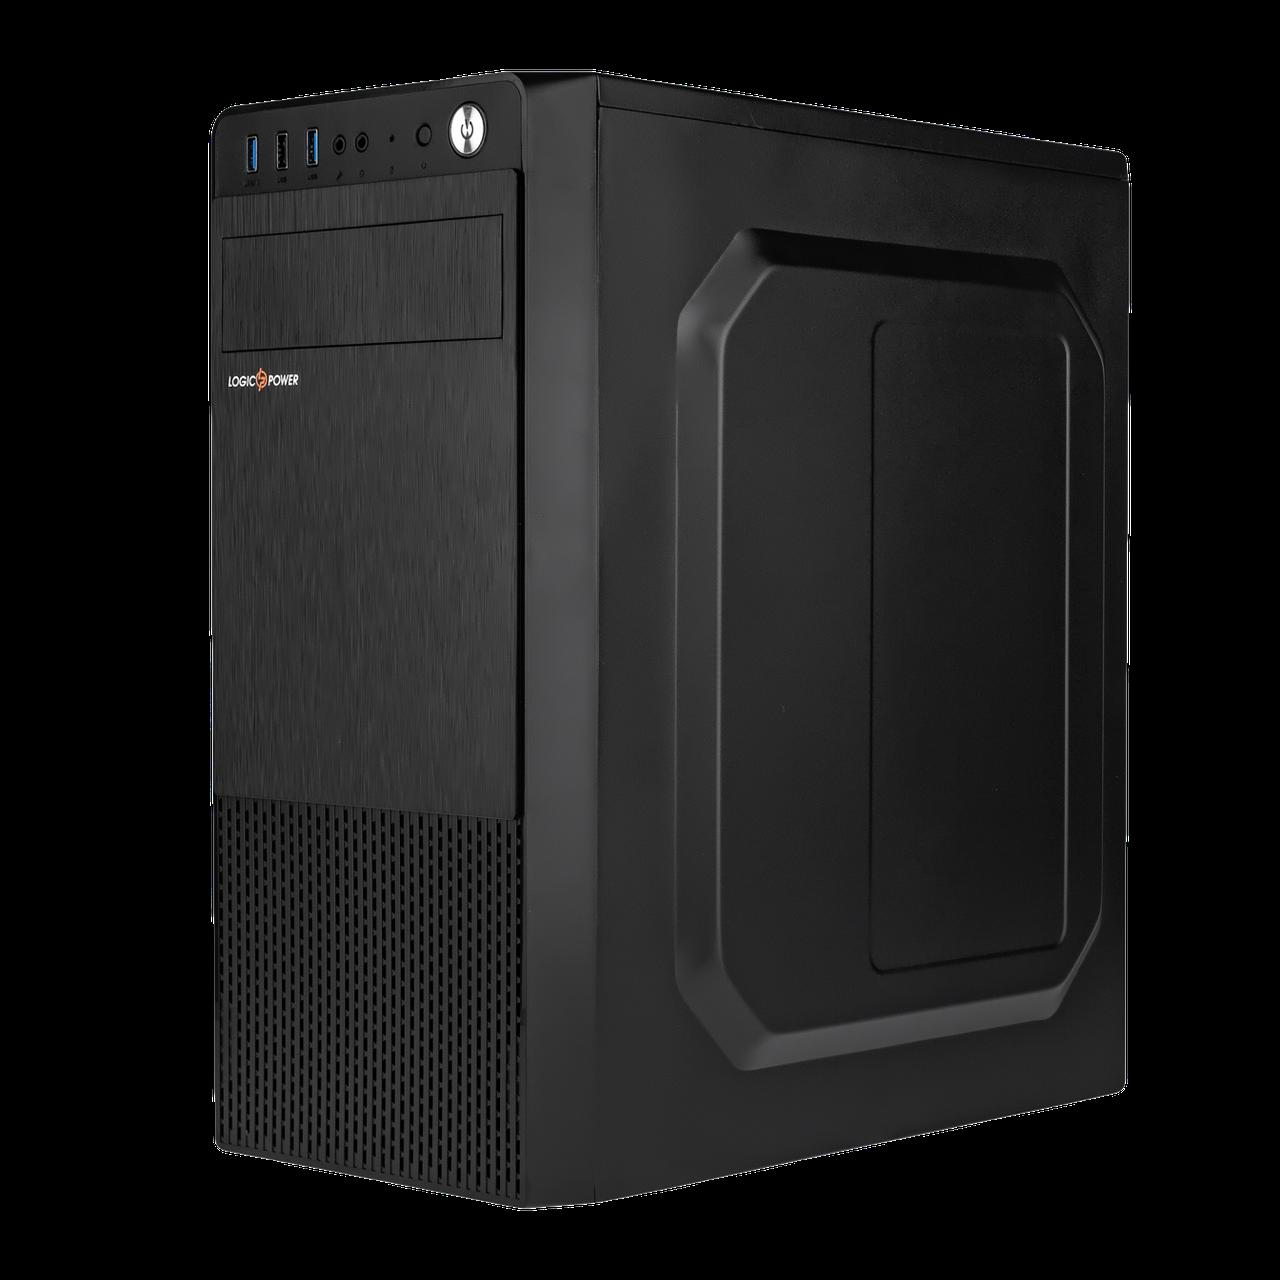 Корпус LP 2009-500W 12см black case chassis cover с 1xUSB2.0 и 2xUSB3.0